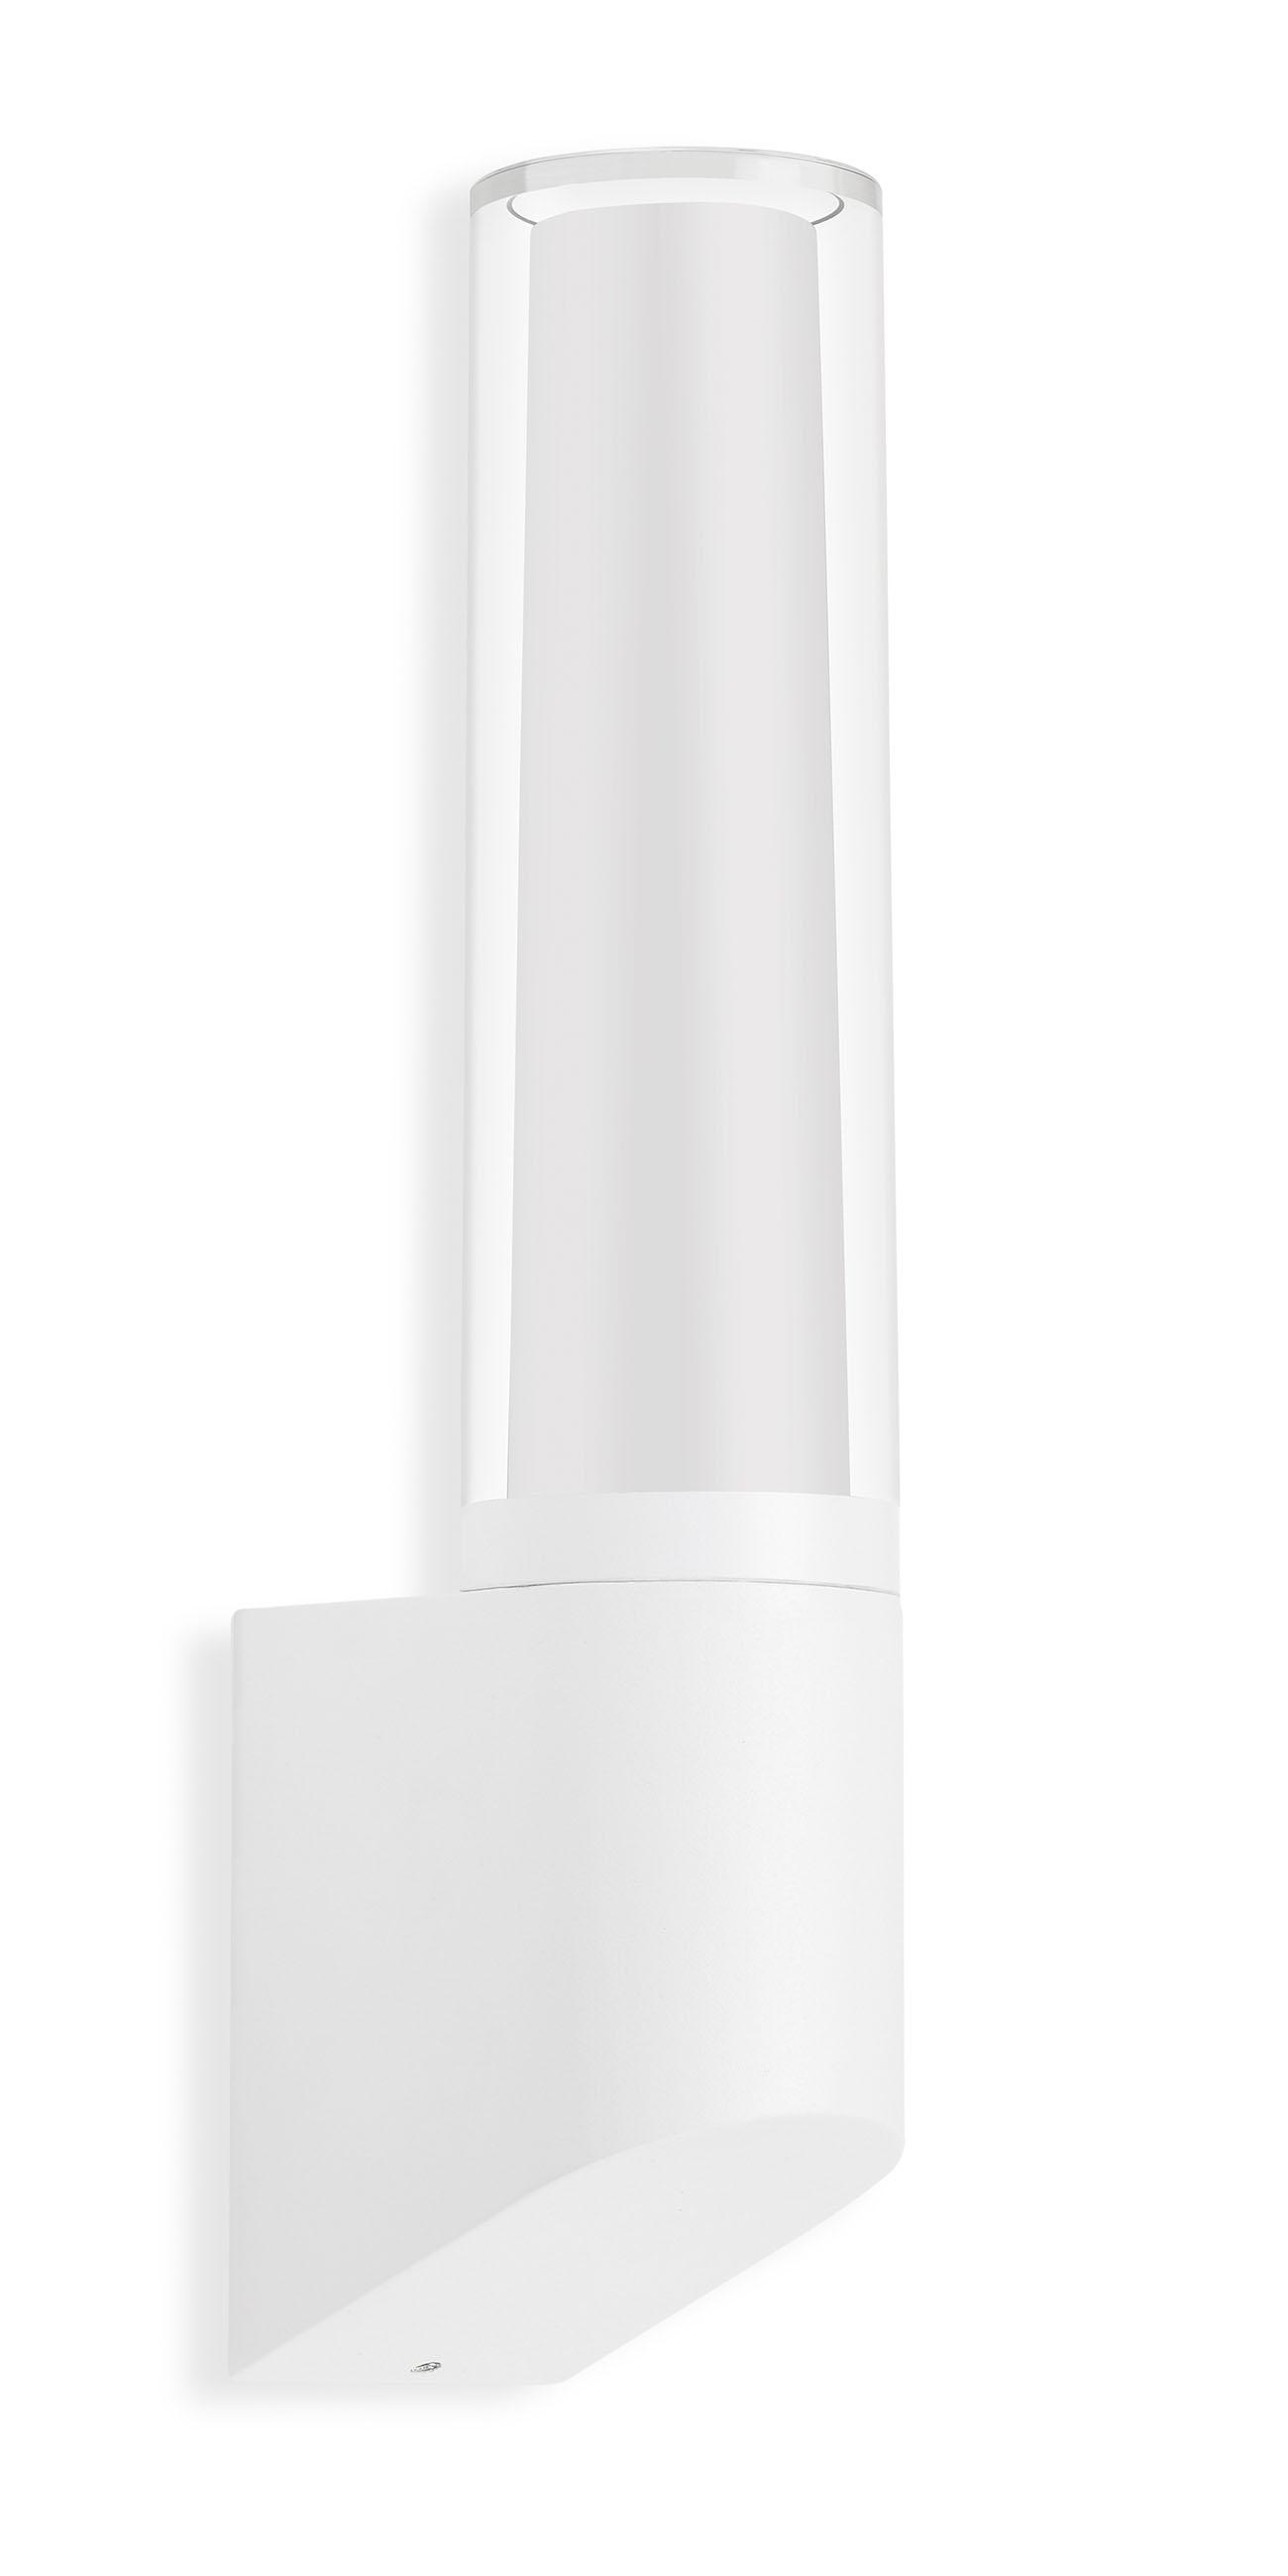 TELEFUNKEN LED Aussenwandleuchte, 33,2 cm, 8 W, Weiss